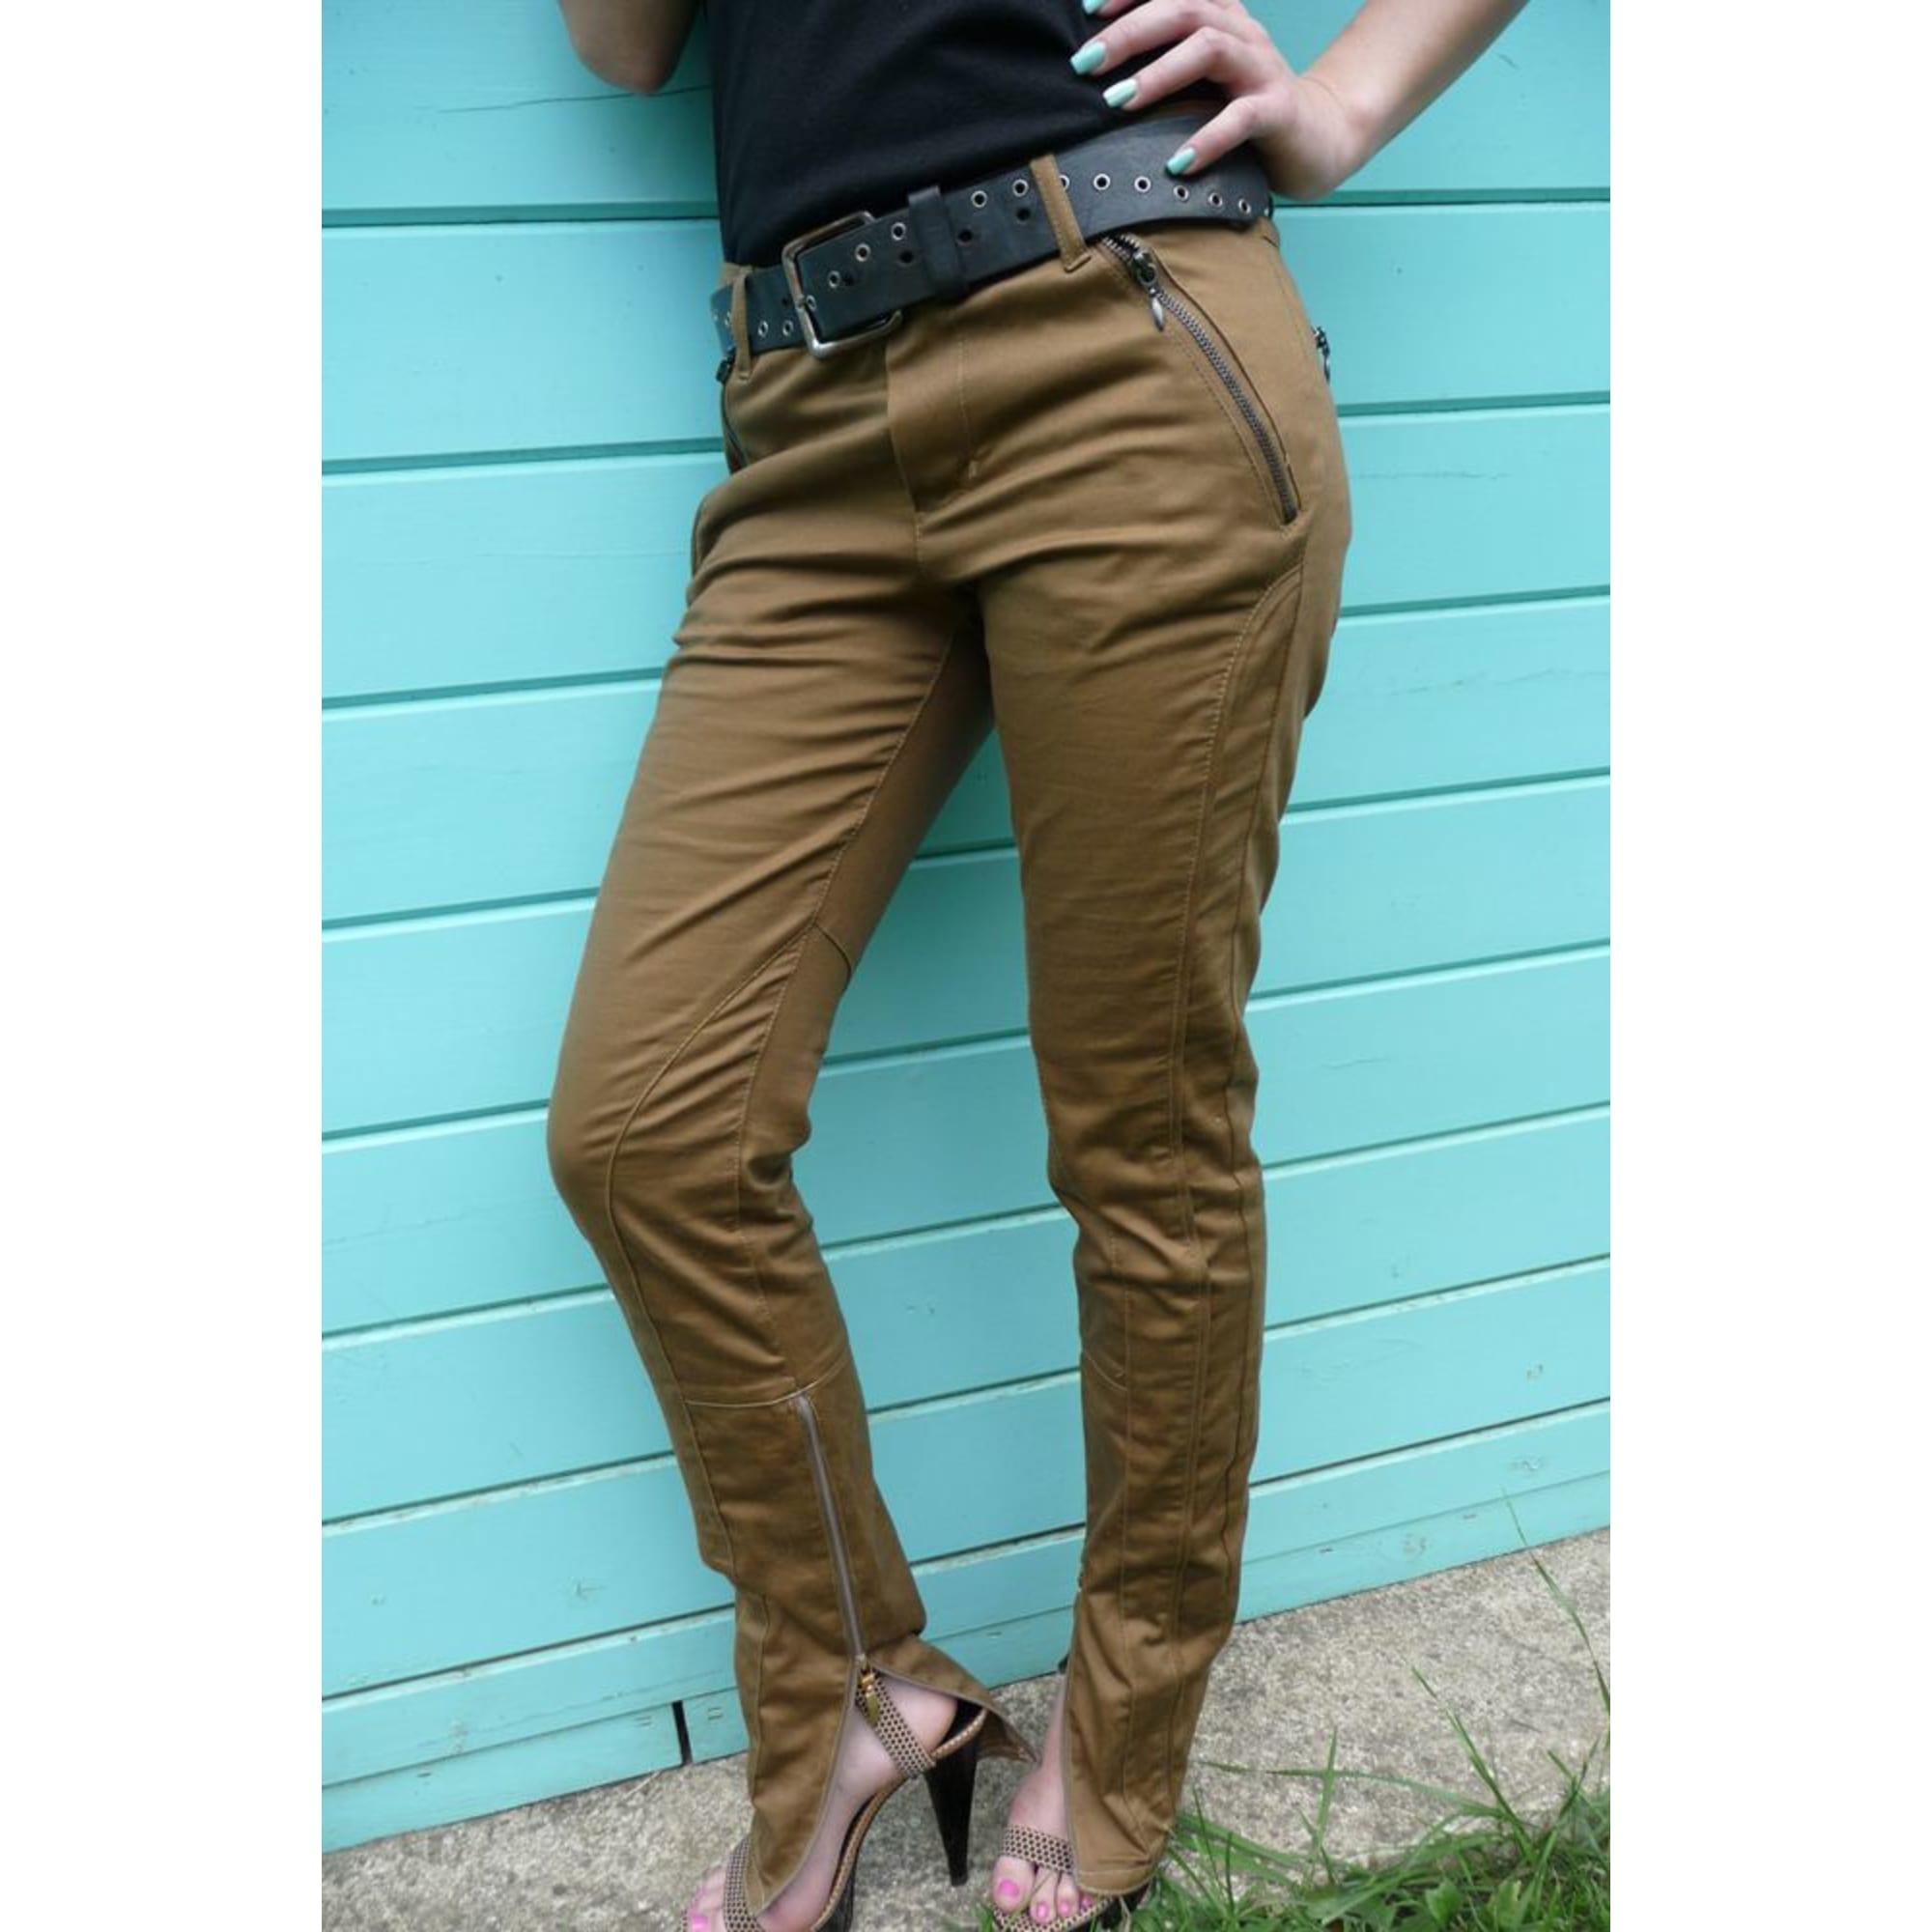 Pantalon slim, cigarette 3 SUISSES Doré, bronze, cuivre